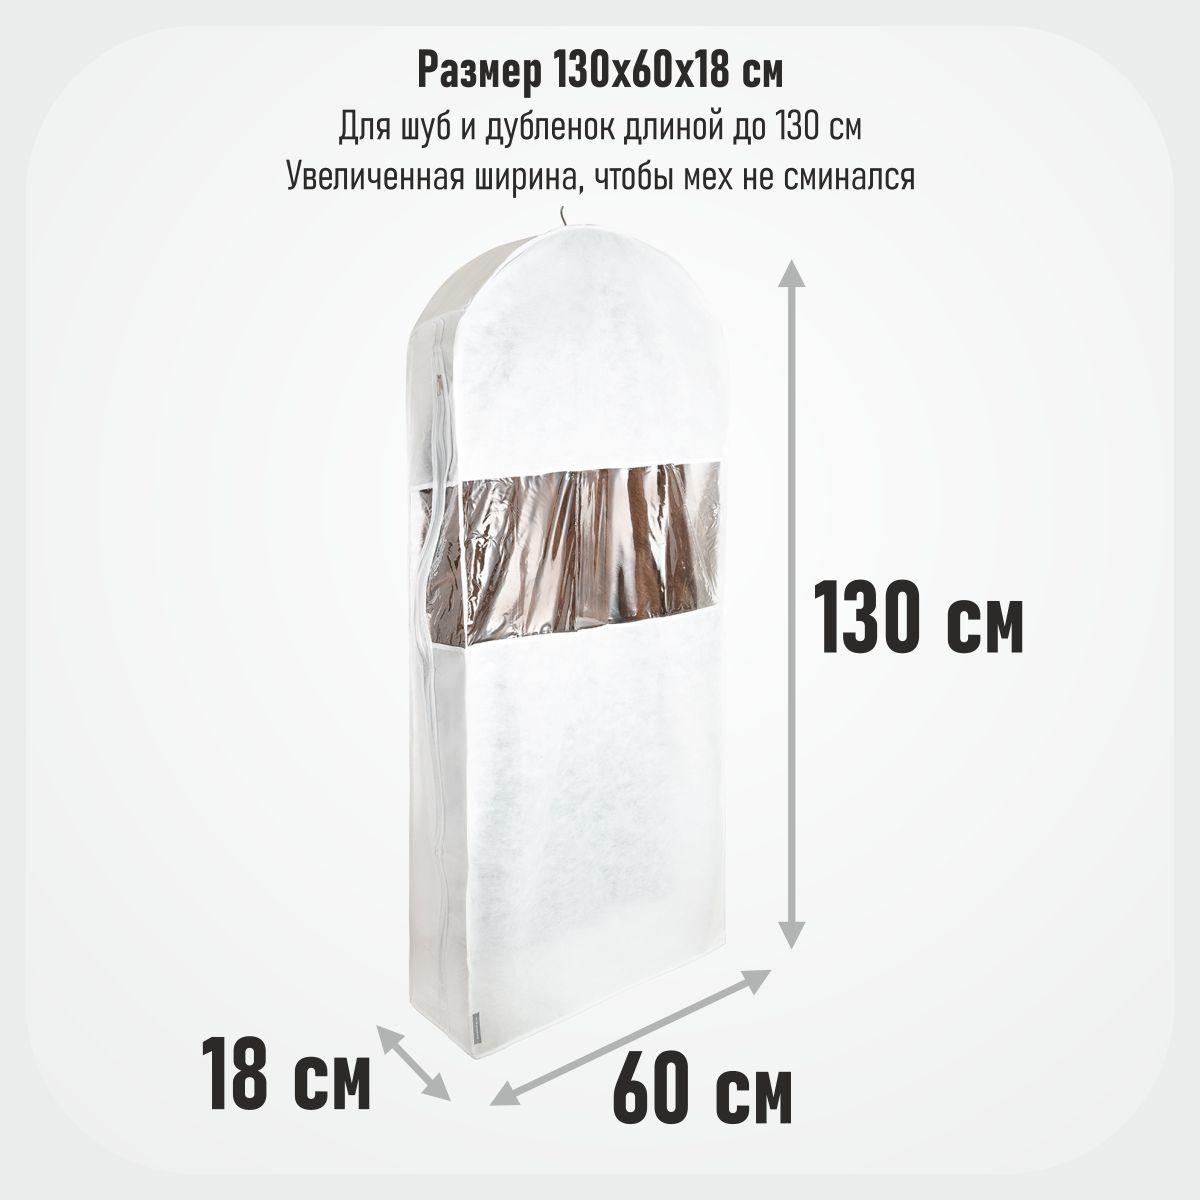 Чехол для шуб LUX длинный 130х60х18 см, Санторини